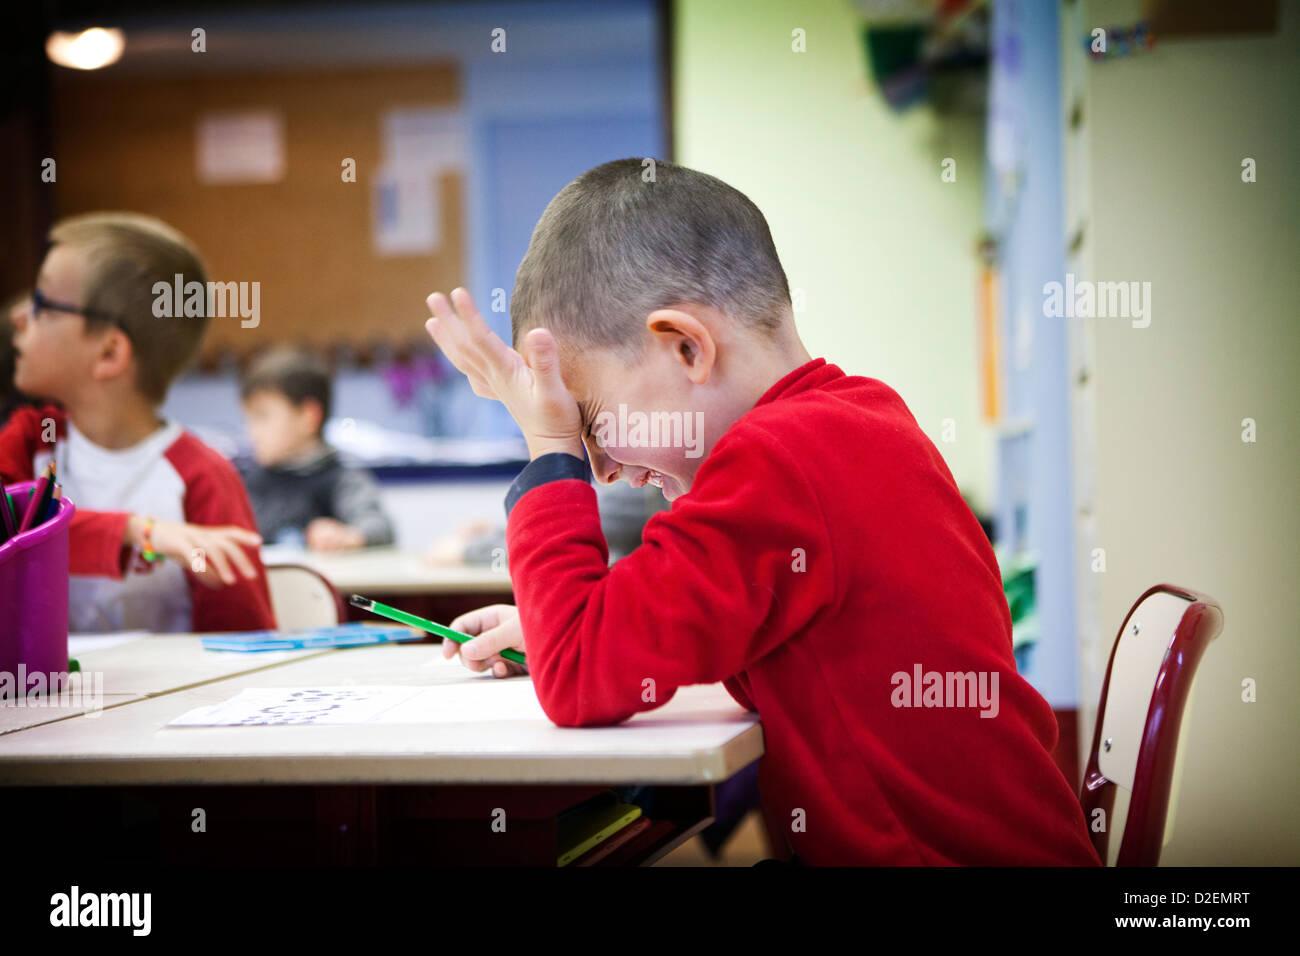 PRIMARY SCHOOL CLASS - Stock Image